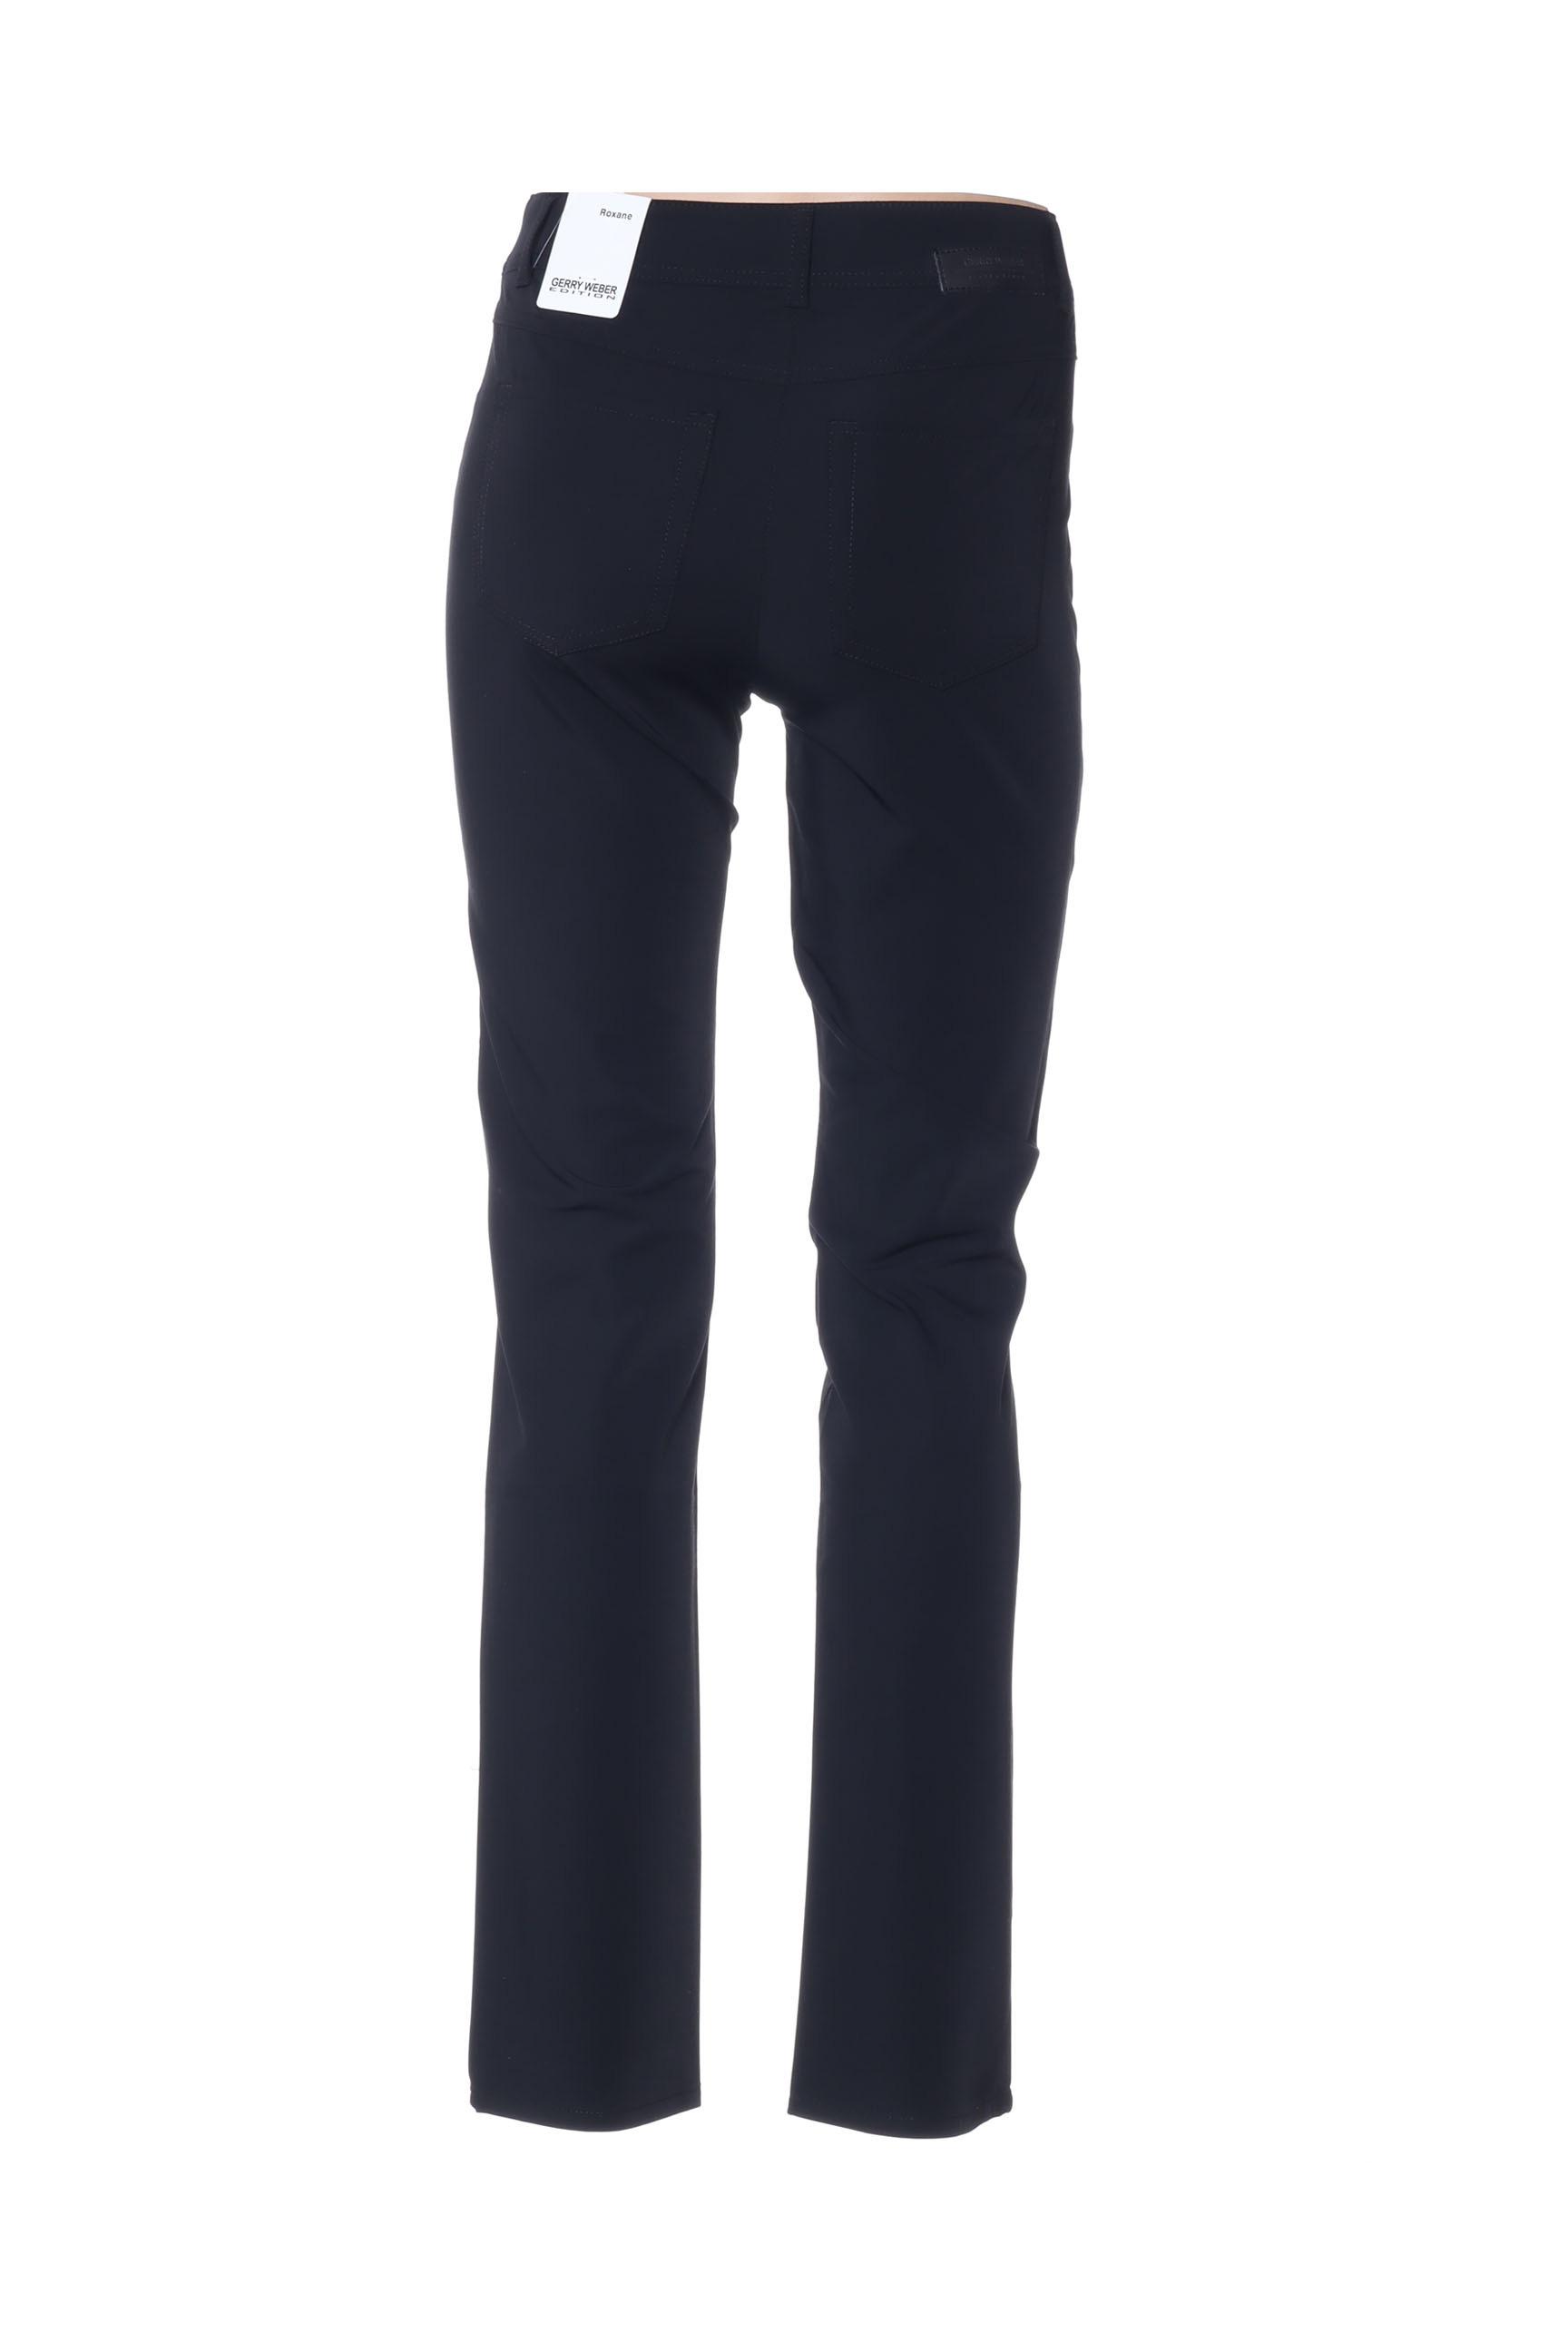 Gerry Weber Pantalons Decontractes Femme De Couleur Noir En Soldes Pas Cher 1426778-noir00